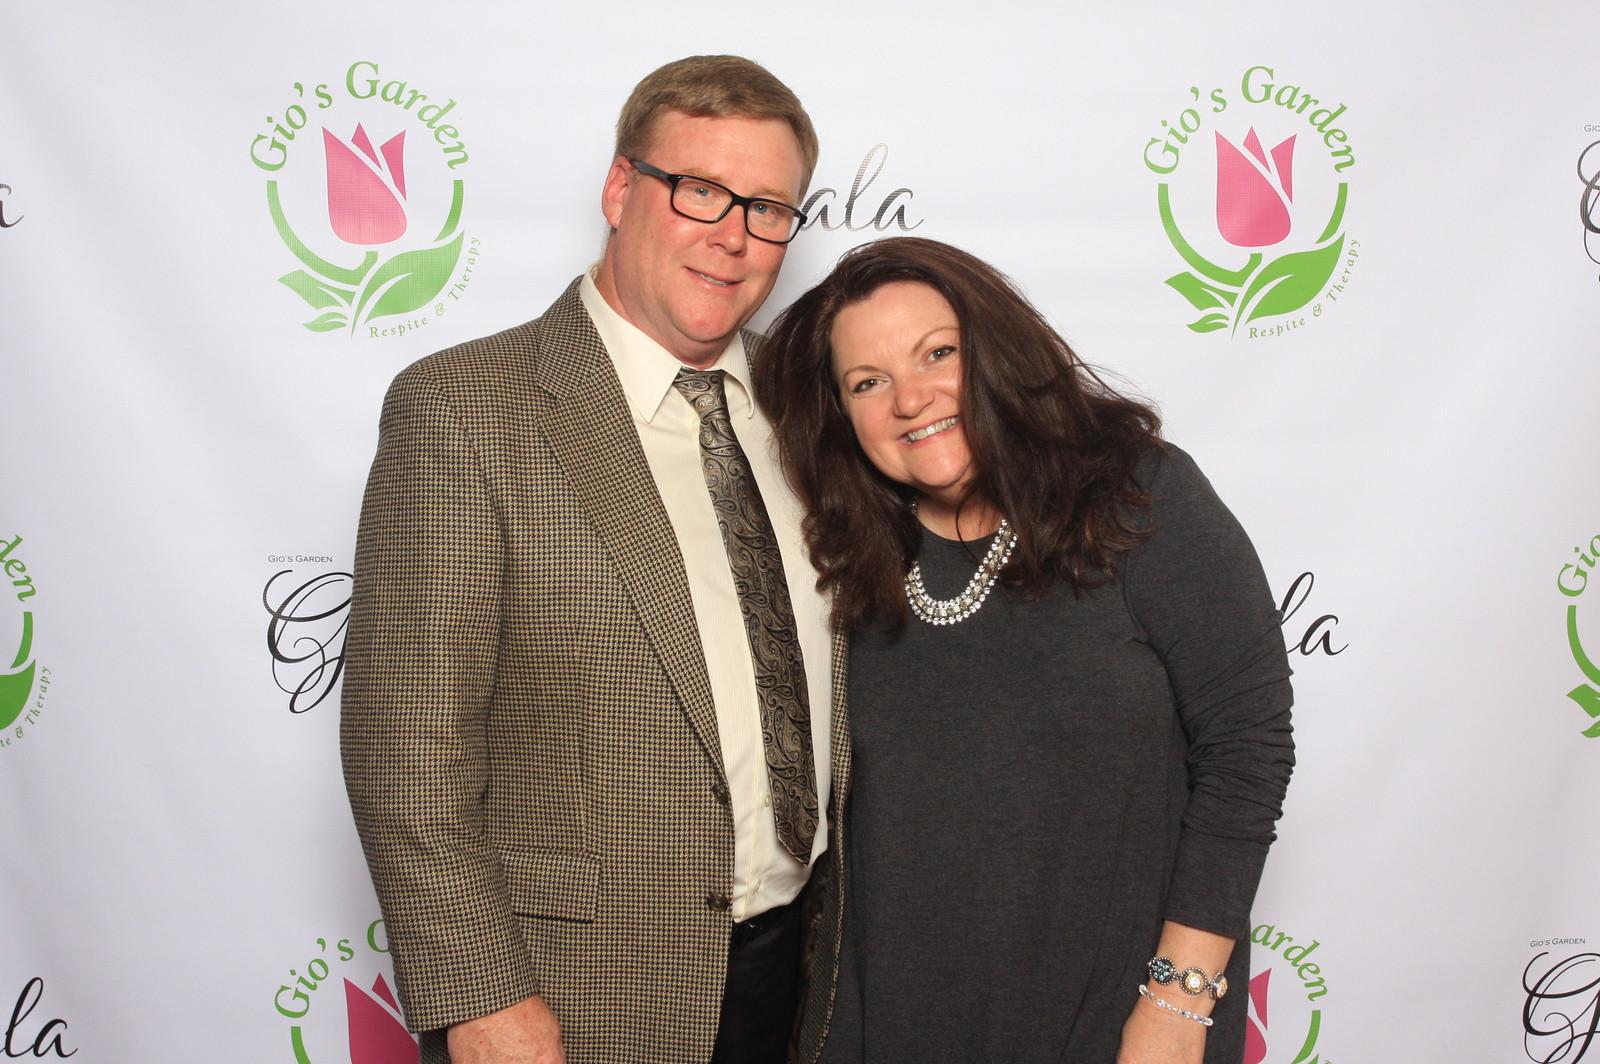 Gio's Garden Gala 2015